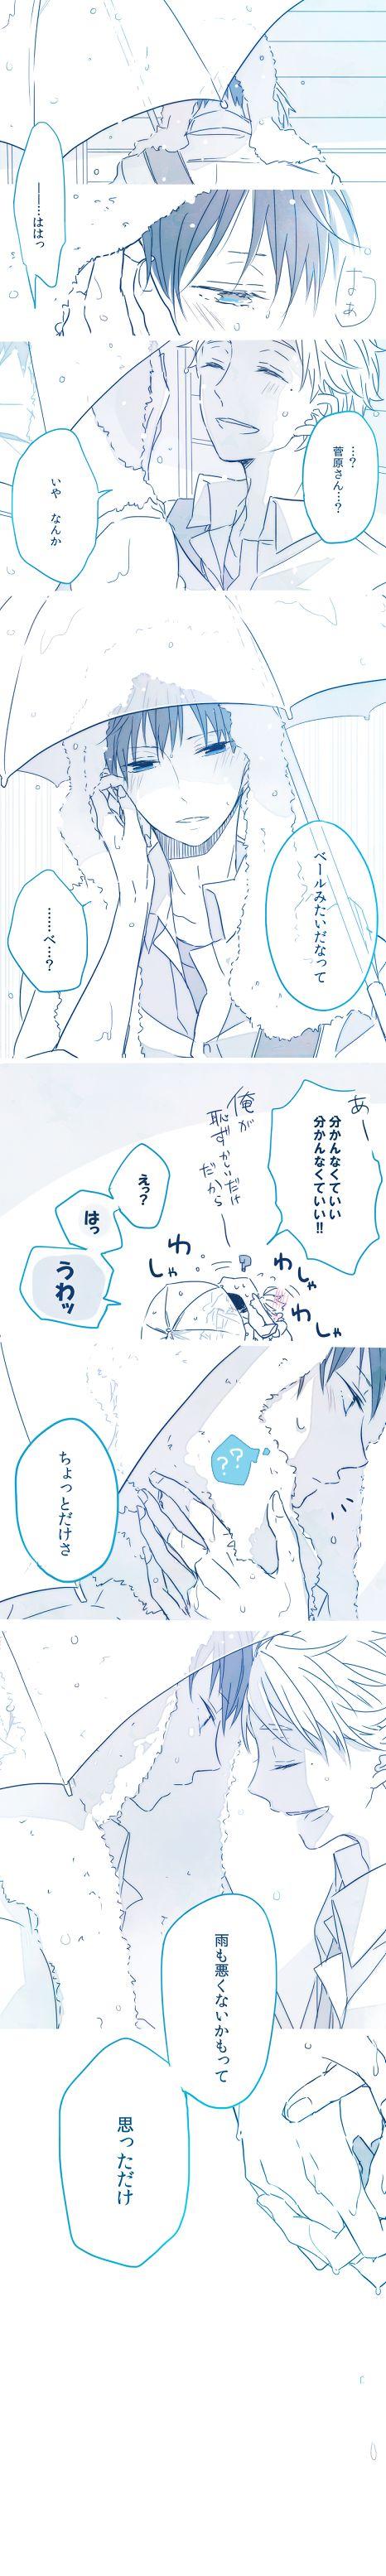 「【菅影】6月の花嫁」/「ナマコサァン」の漫画 [pixiv]